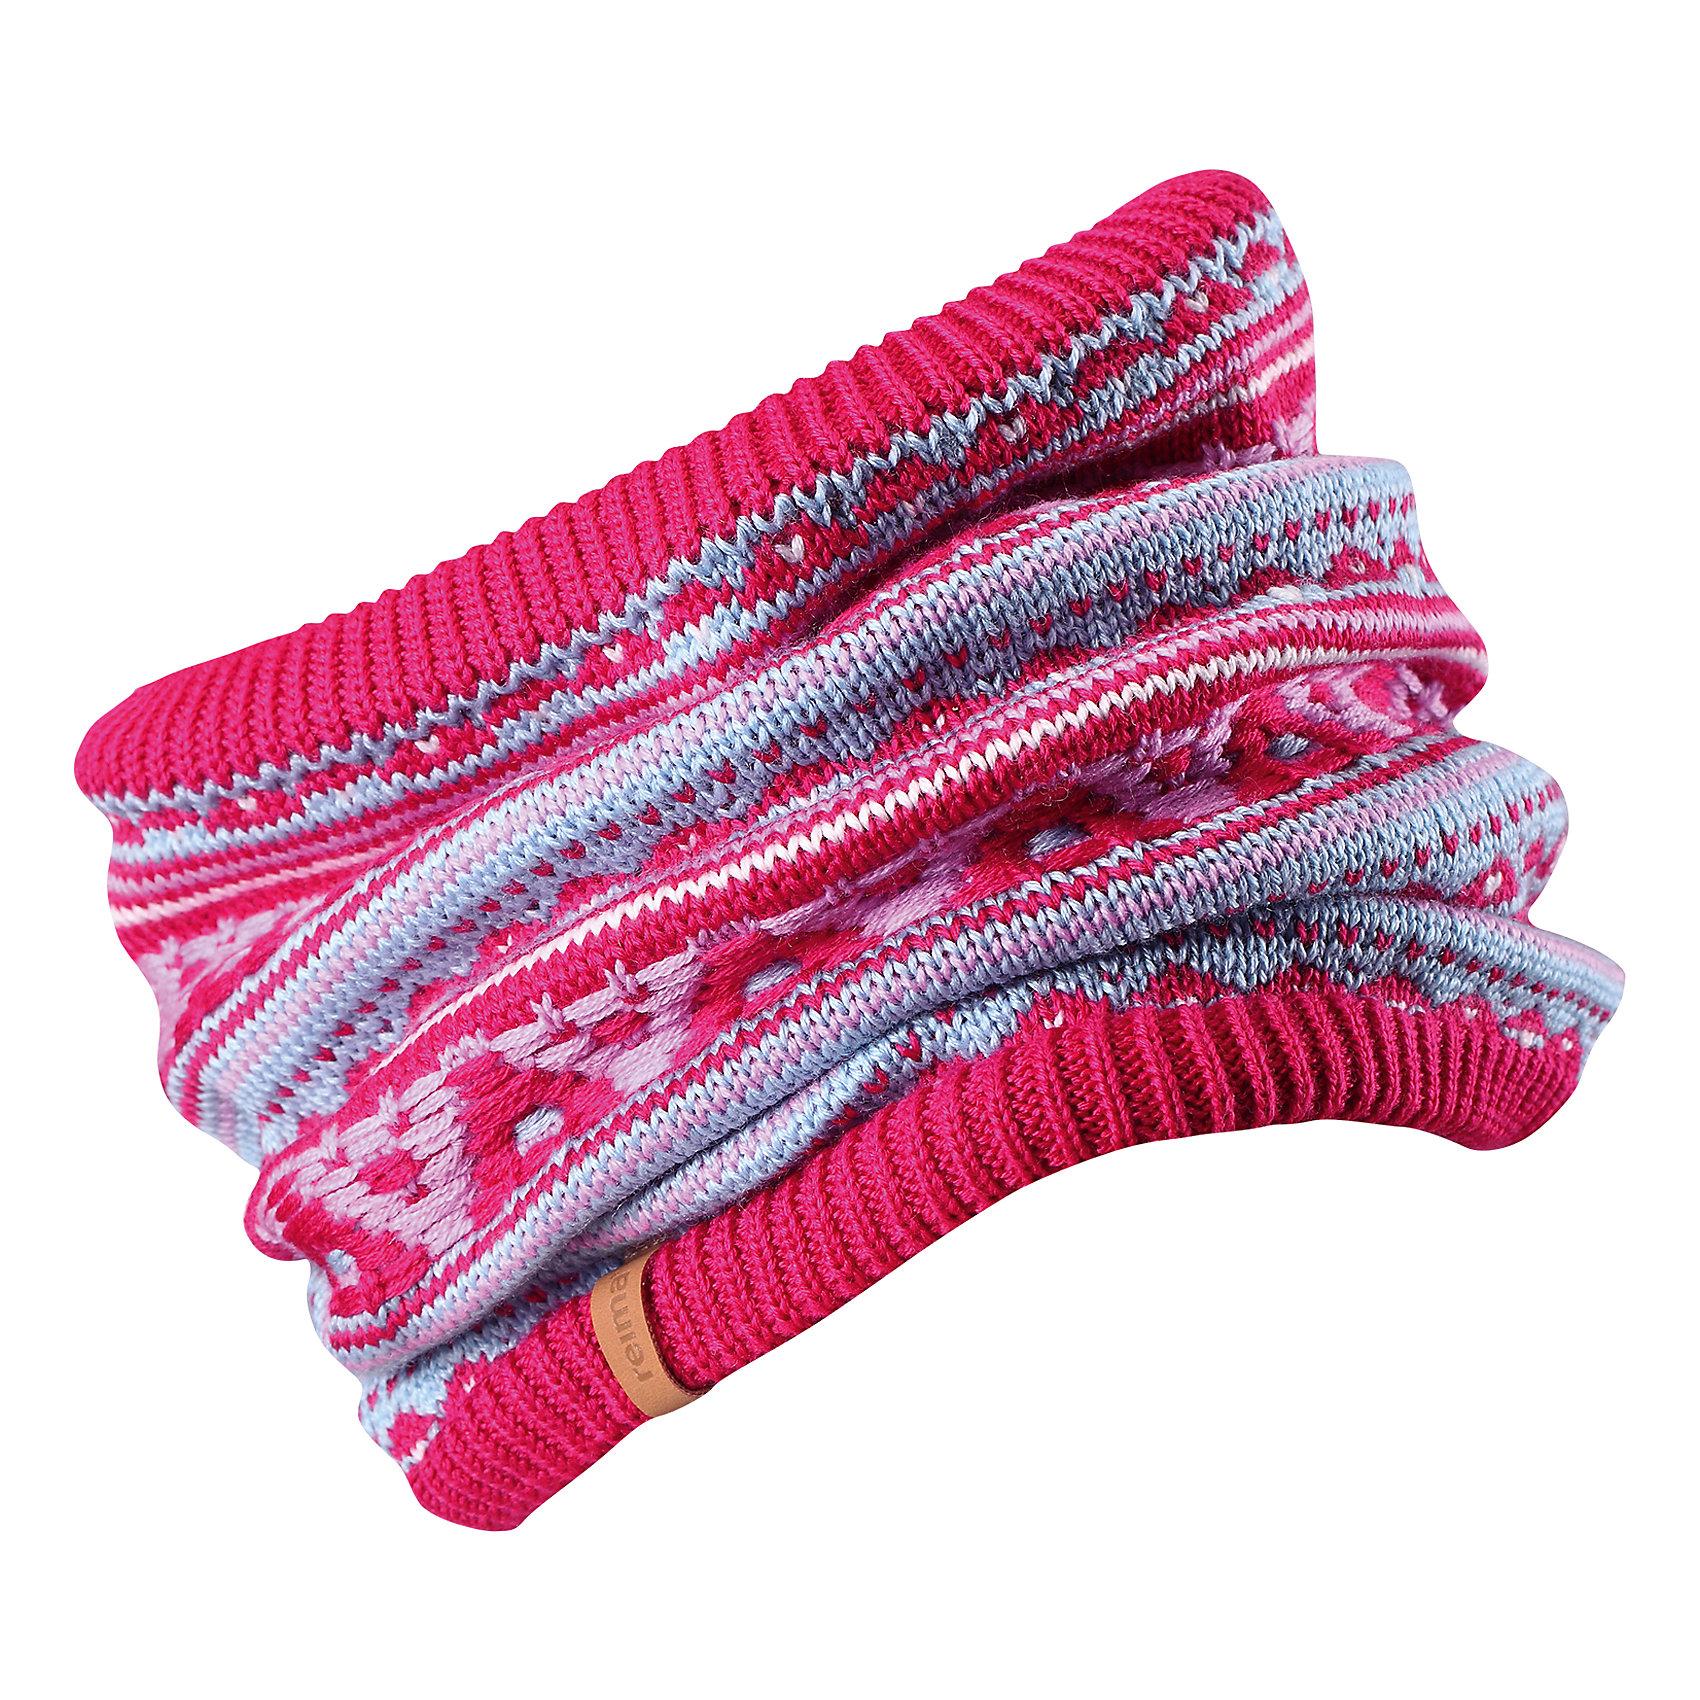 Шарф Seeds ReimaШапки и шарфы<br>Эта детская горловина, или шарф-хомут, очень удобна – просто наденьте ее на шею, и прогулка будет теплой и приятной. Шерсть – превосходный терморегулятор, а нежный флис делает подкладку очень мягкой и приятной на ощупь. Этот универсальный шарф можно надевать на голову как повязку для защиты волос и ушей или даже носить как шапку. Сплошная жаккардовая узорная вязка придаст изюминку вашему образу.<br>Состав:<br>50% Шерсть, 50% Полиакрил<br><br>Ширина мм: 88<br>Глубина мм: 155<br>Высота мм: 26<br>Вес г: 106<br>Цвет: розовый<br>Возраст от месяцев: 72<br>Возраст до месяцев: 84<br>Пол: Унисекс<br>Возраст: Детский<br>Размер: 54/56,50/52<br>SKU: 6906667